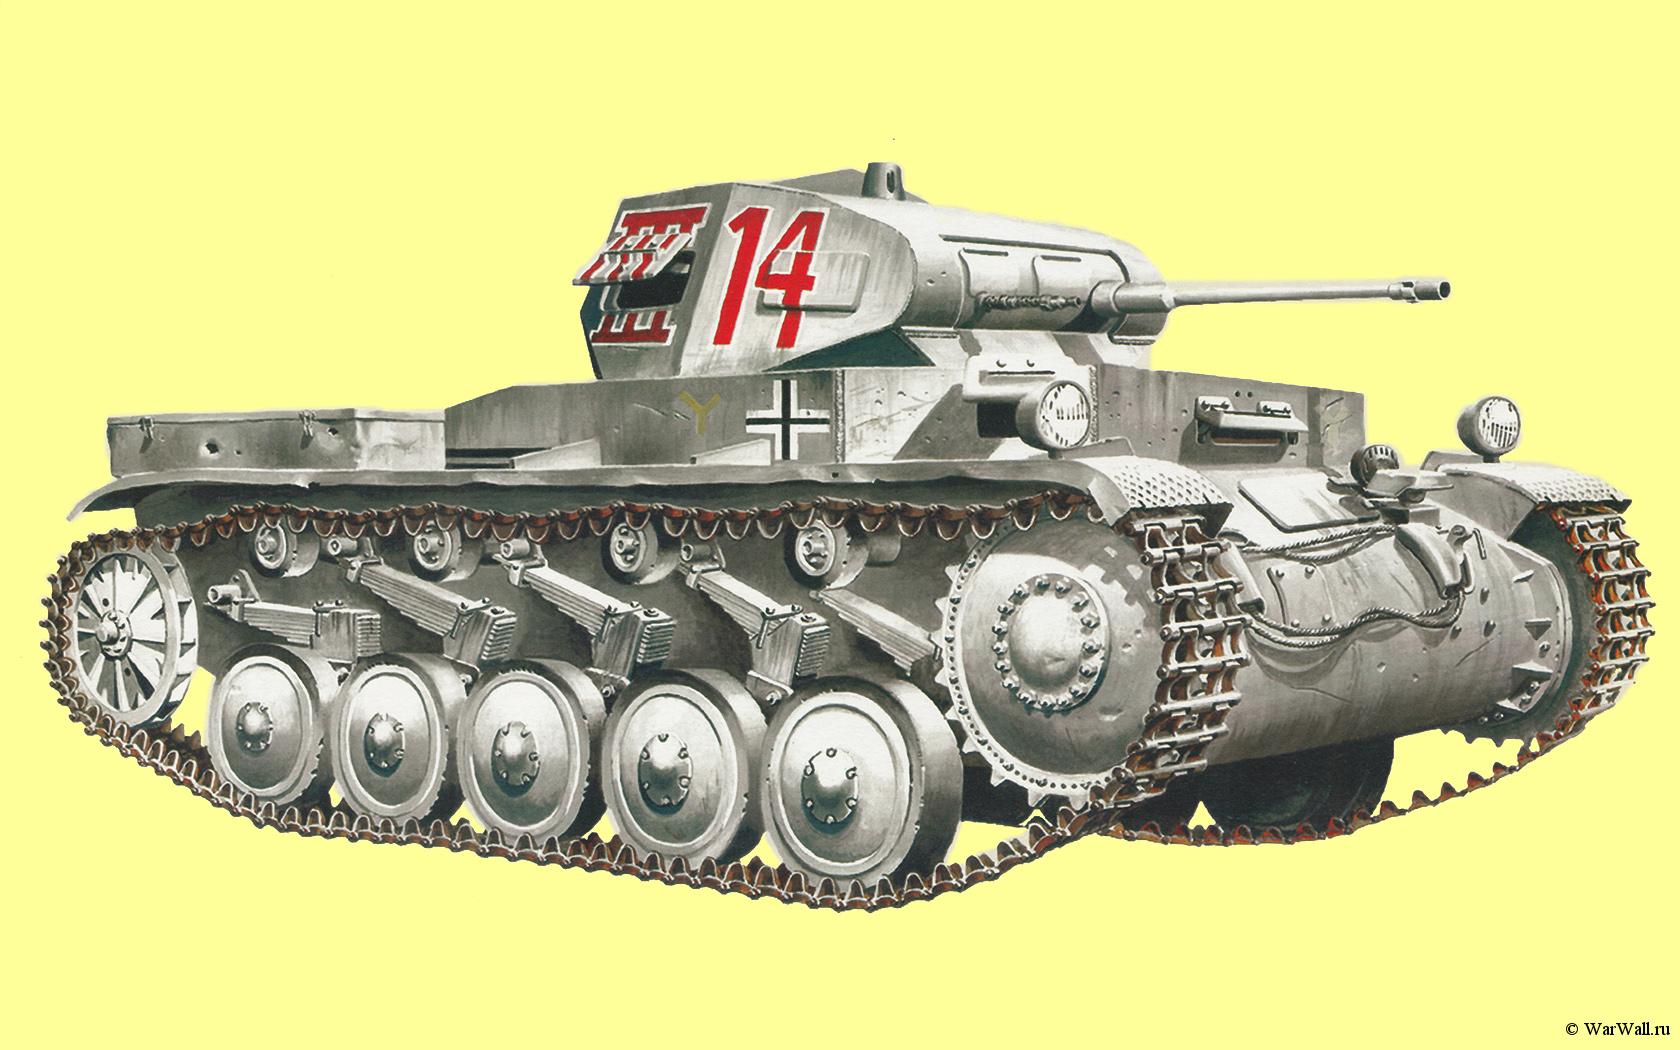 рисунок Pz.Kpfw. II Ausf. A